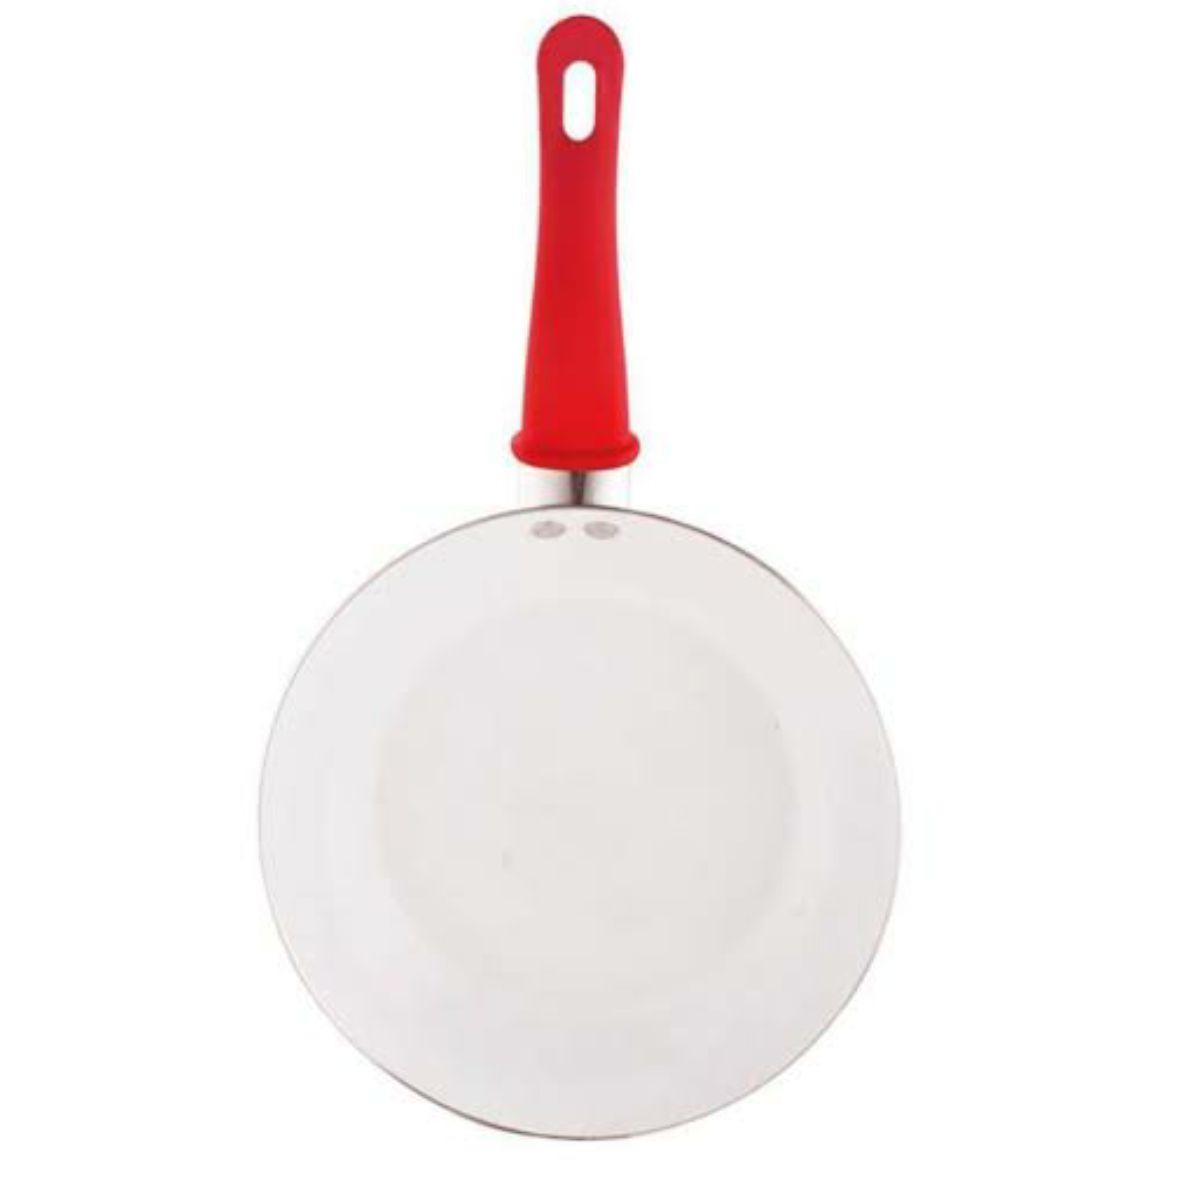 Jogo De Panelas Aluminio 4pcs Vermelho Revest. Ceramico